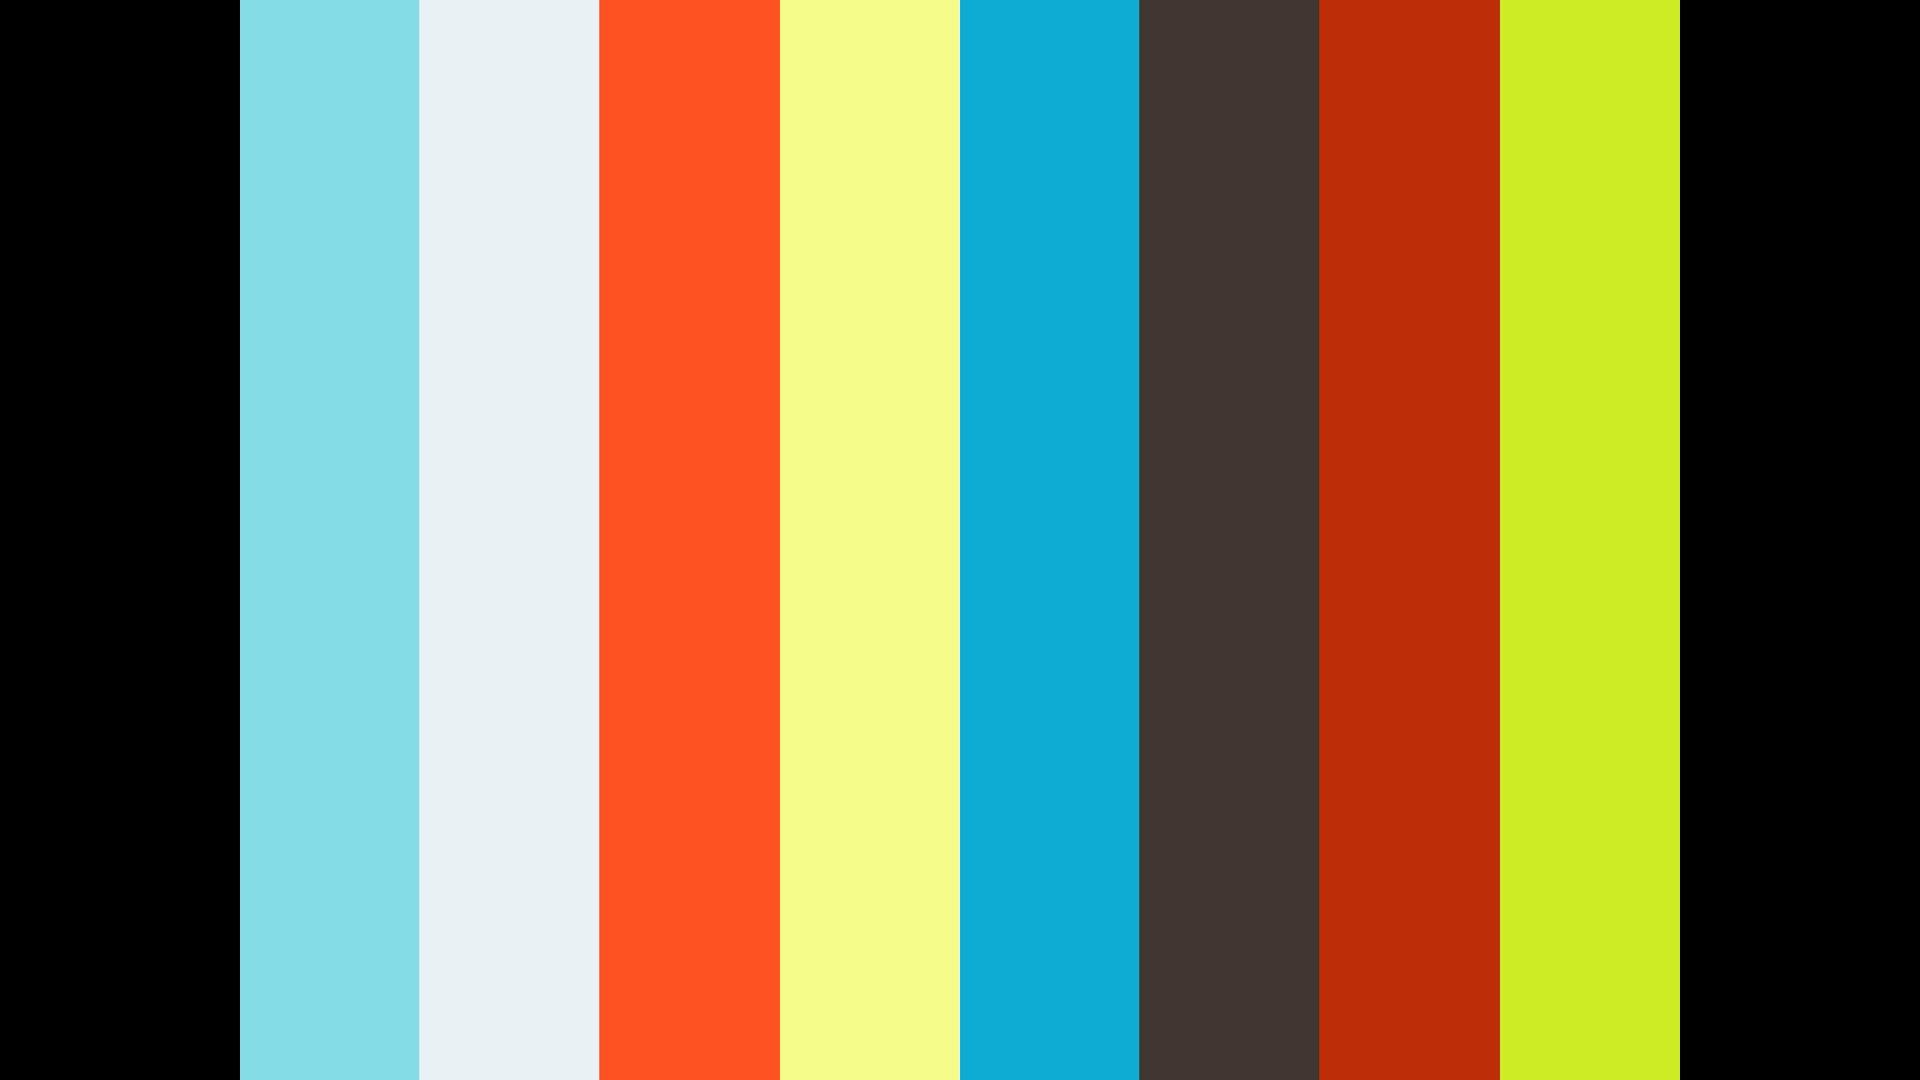 ZoomBBC: Traditional BBCs VS Zoom BBC